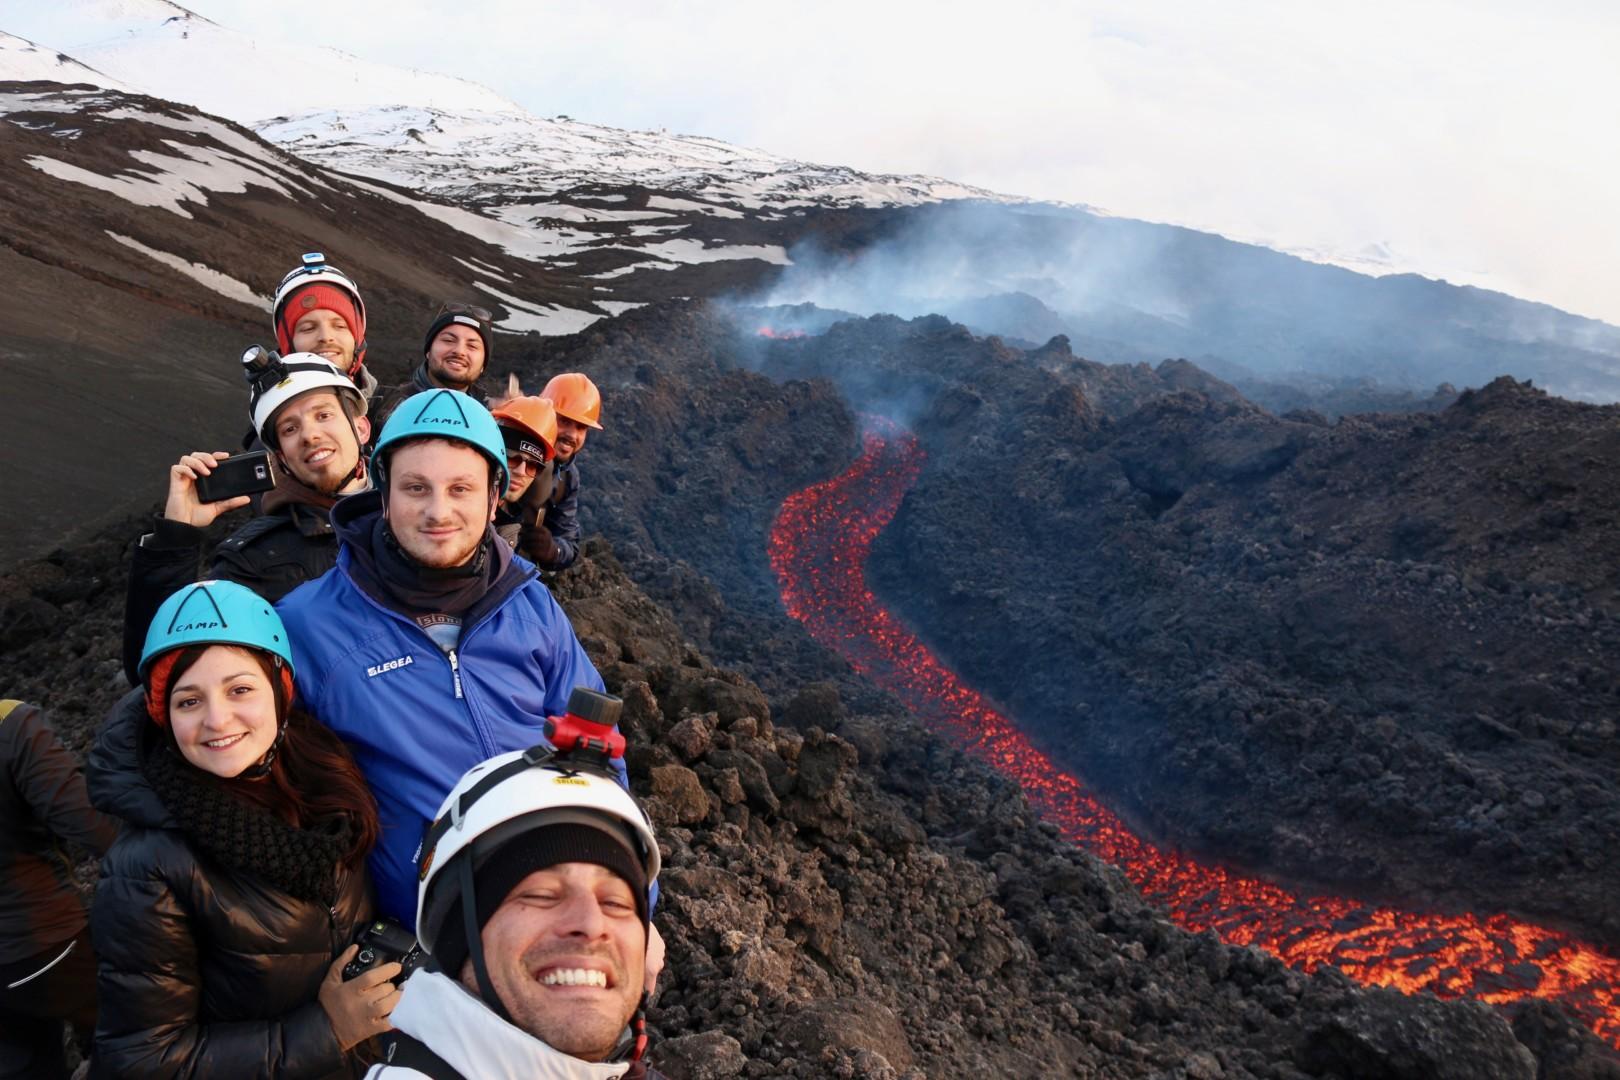 Escursione sull'Etna in eruzione